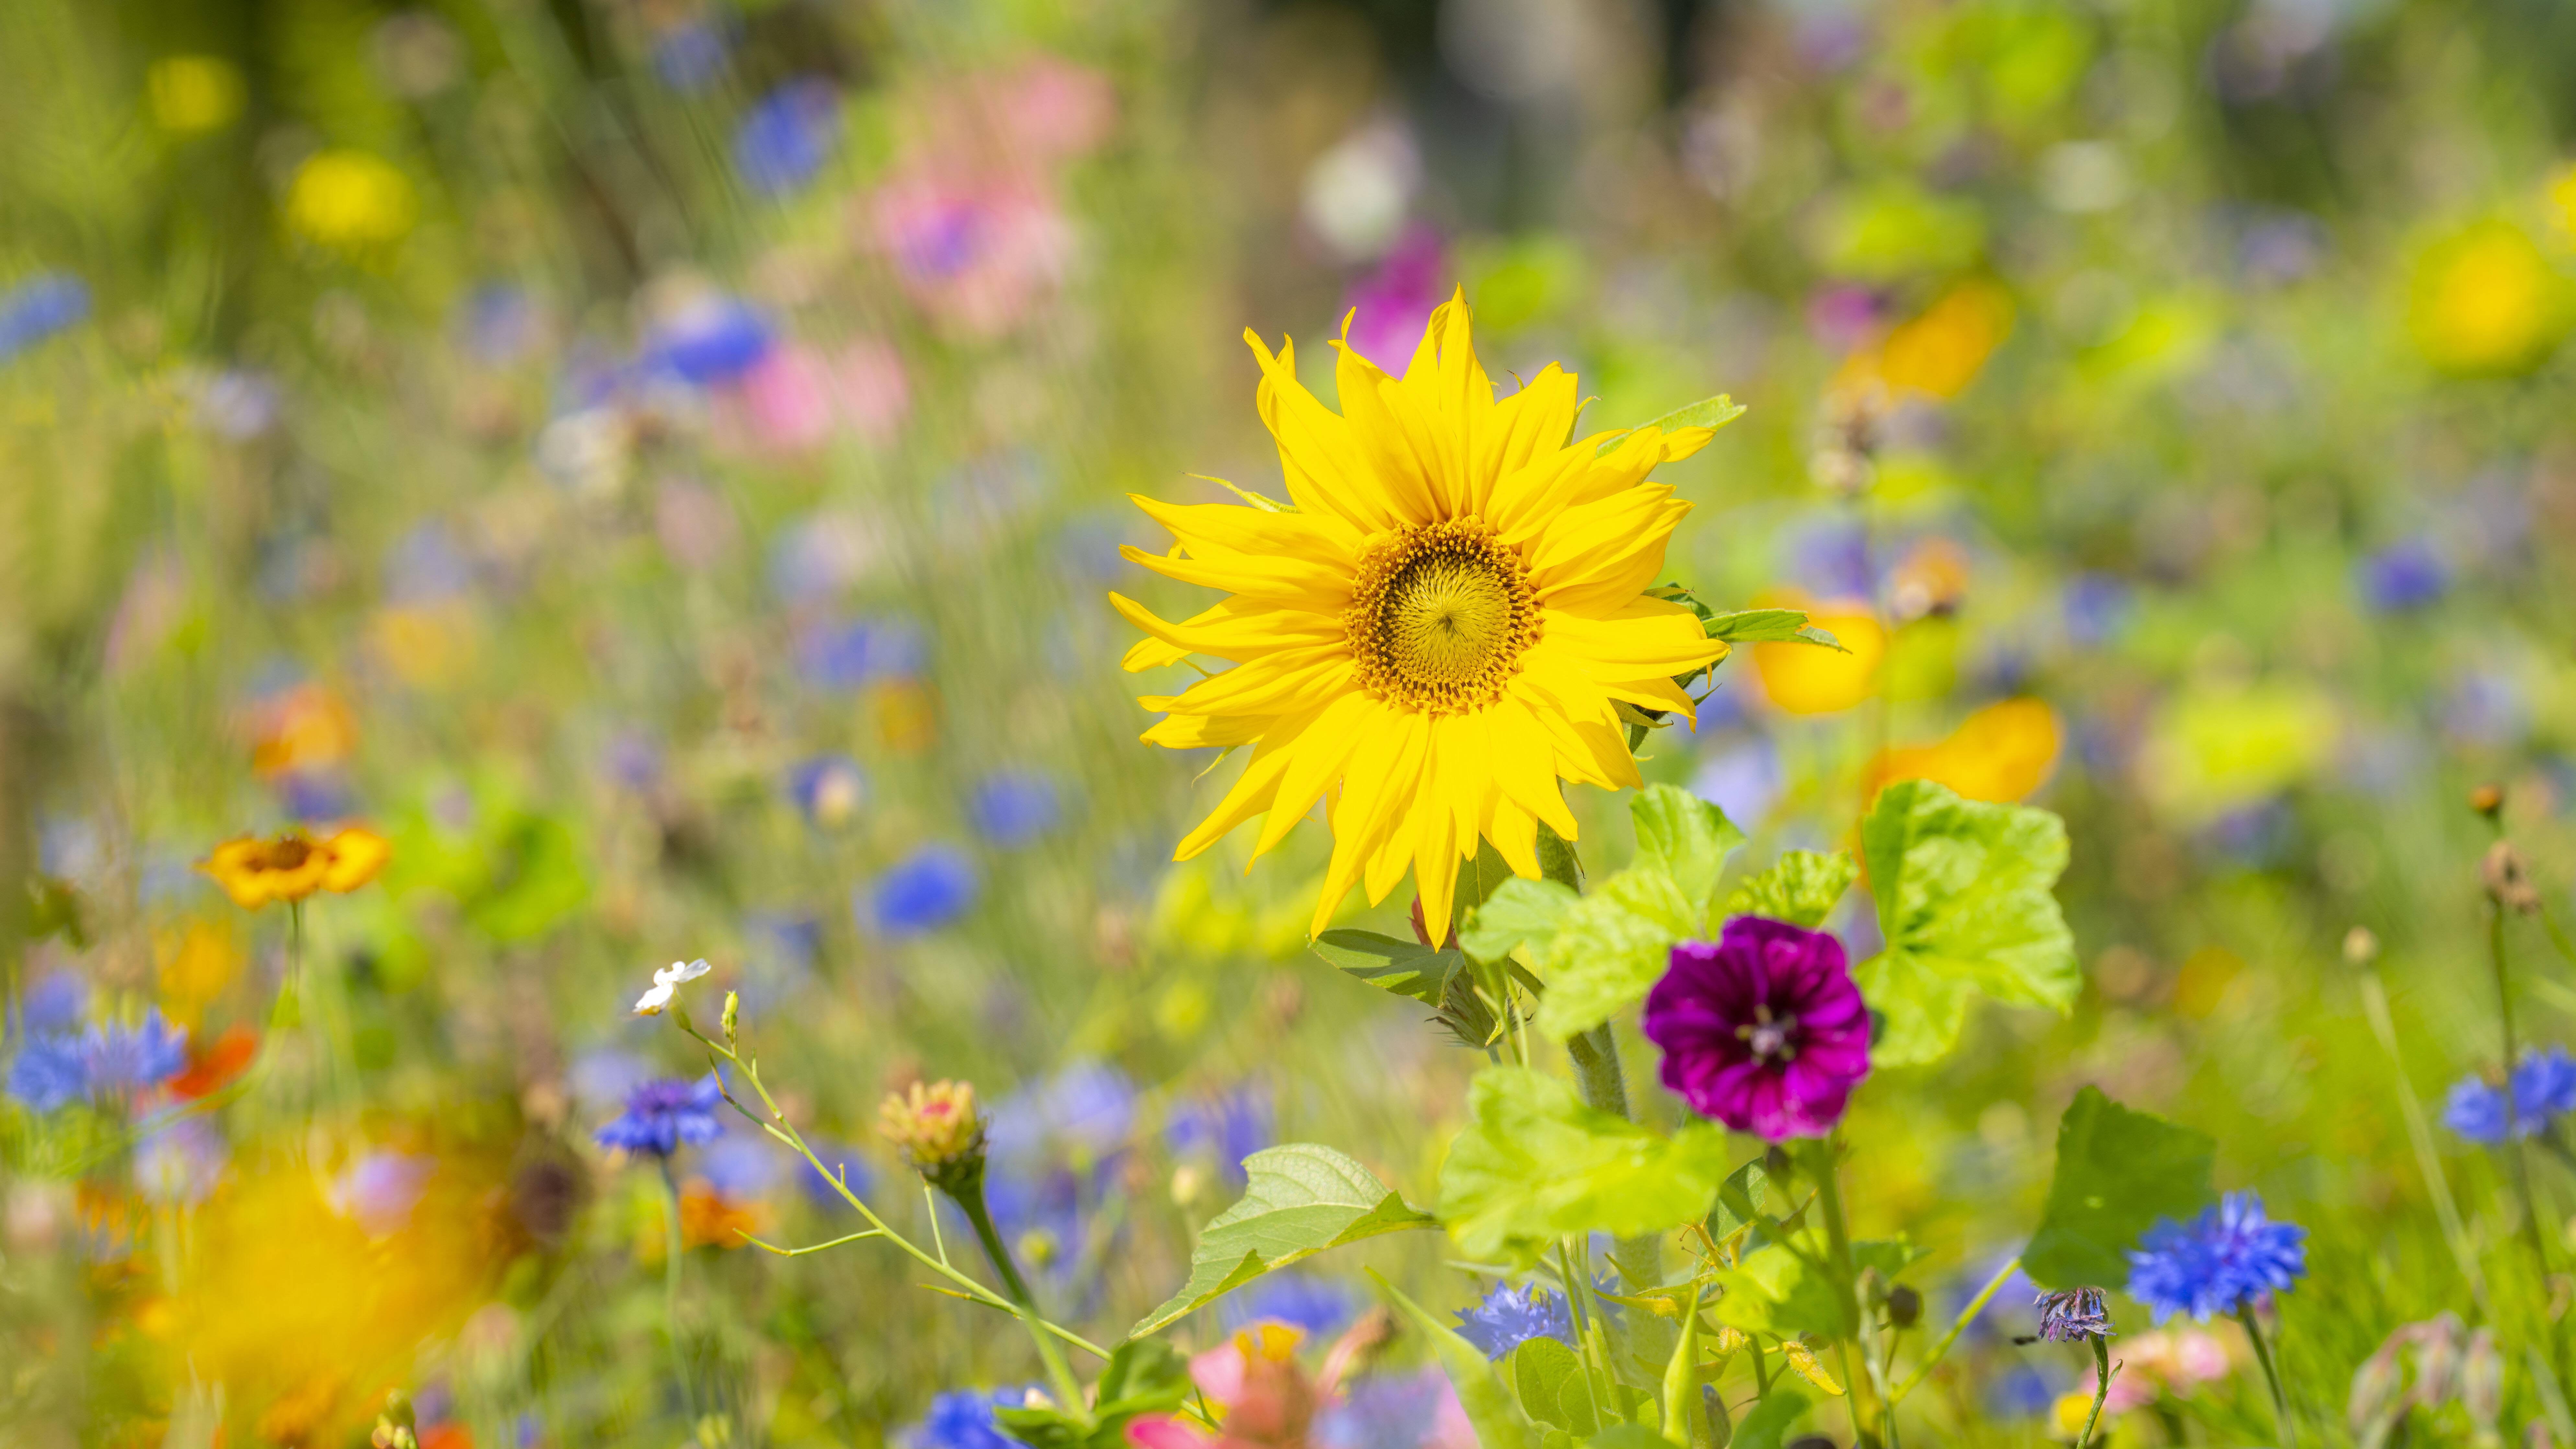 Blackbox Gardening: Das hat es mit dem Trend auf sich